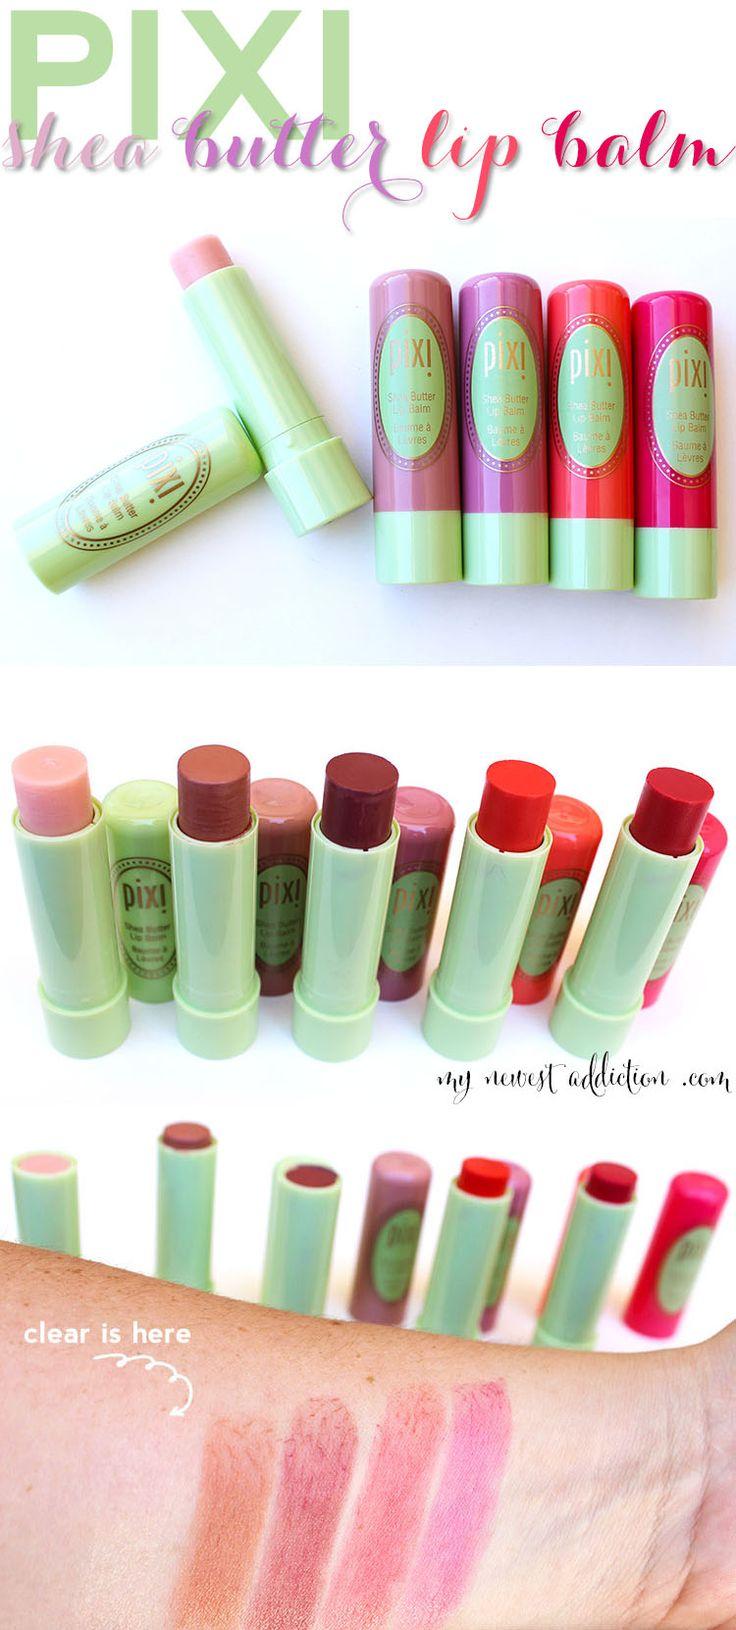 Pixi Shea Butter Lip Balm - My Newest Addiction Beauty Blog